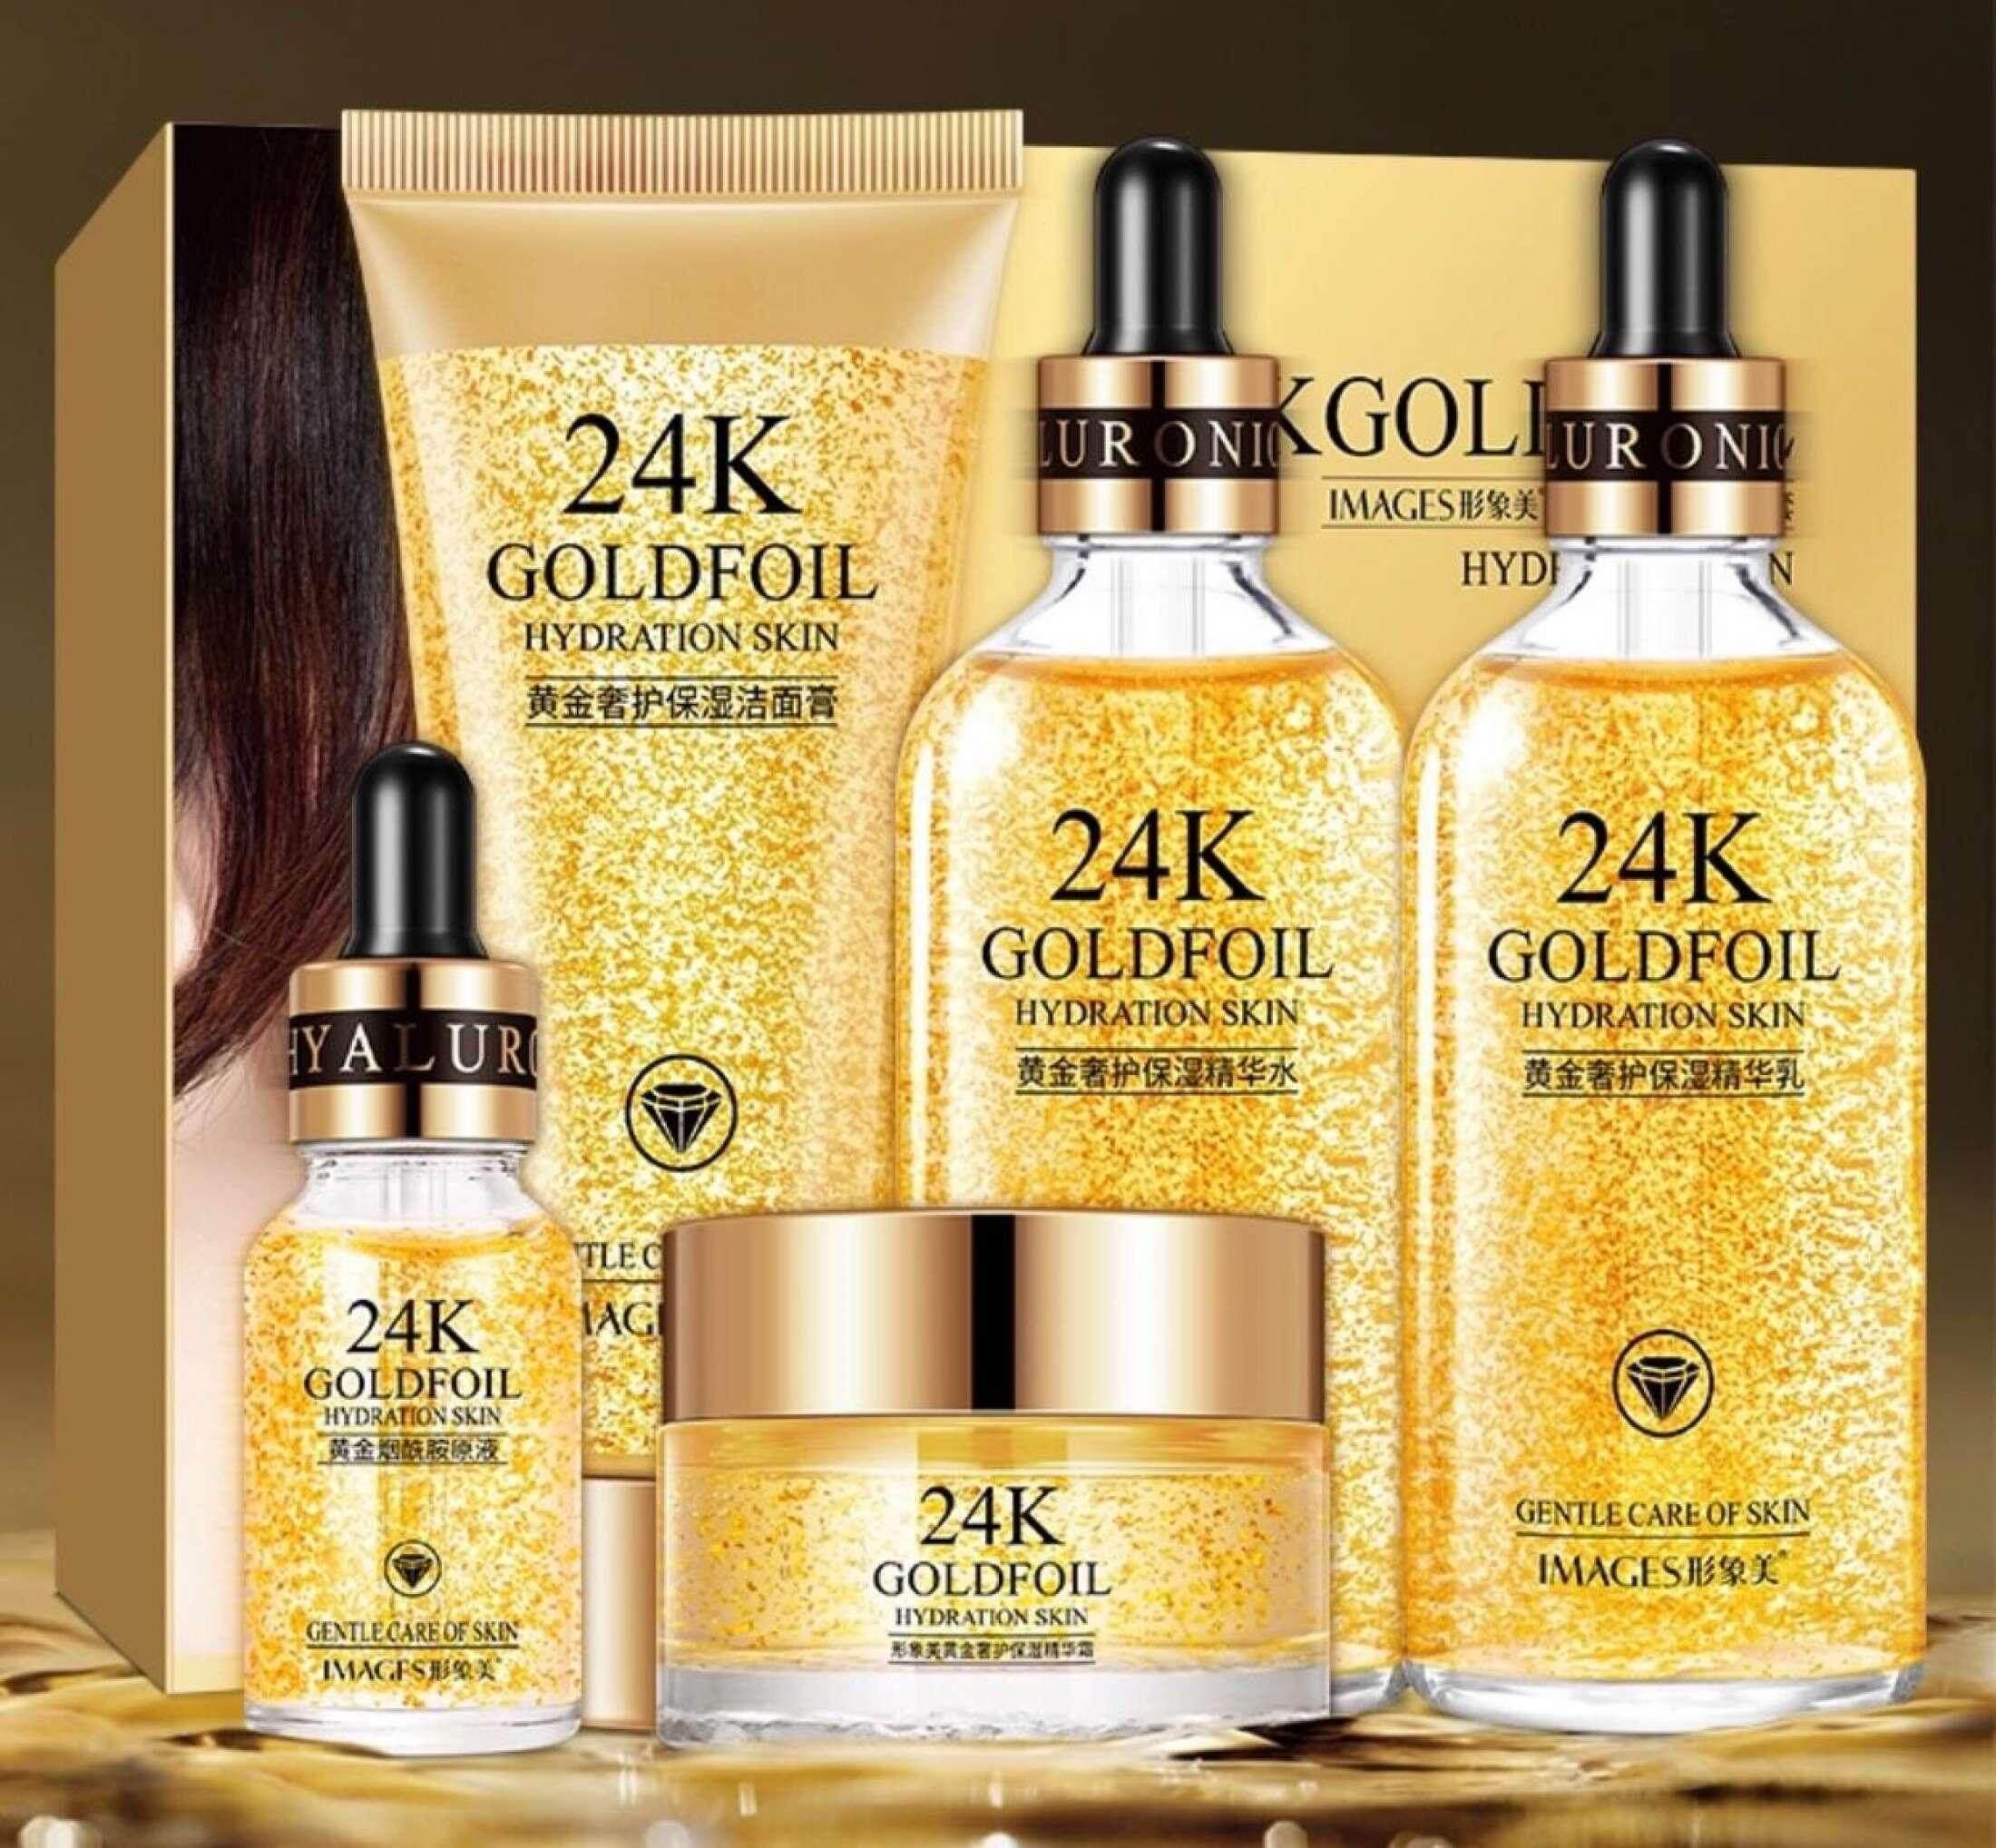 ( สินค้าขายดี / พร้อมส่ง ) ชุดบำรุงผิวหน้า24k ทองคำแท้ BIOAQUA Images 24k GOLD [ เซ็ตสุดคุ้ม 5ชิ้น ] ผสมคุณค่าการบำรุงของทองคำ 24k และไฮยาเข้มข้น ขนาดใหญ่มาก